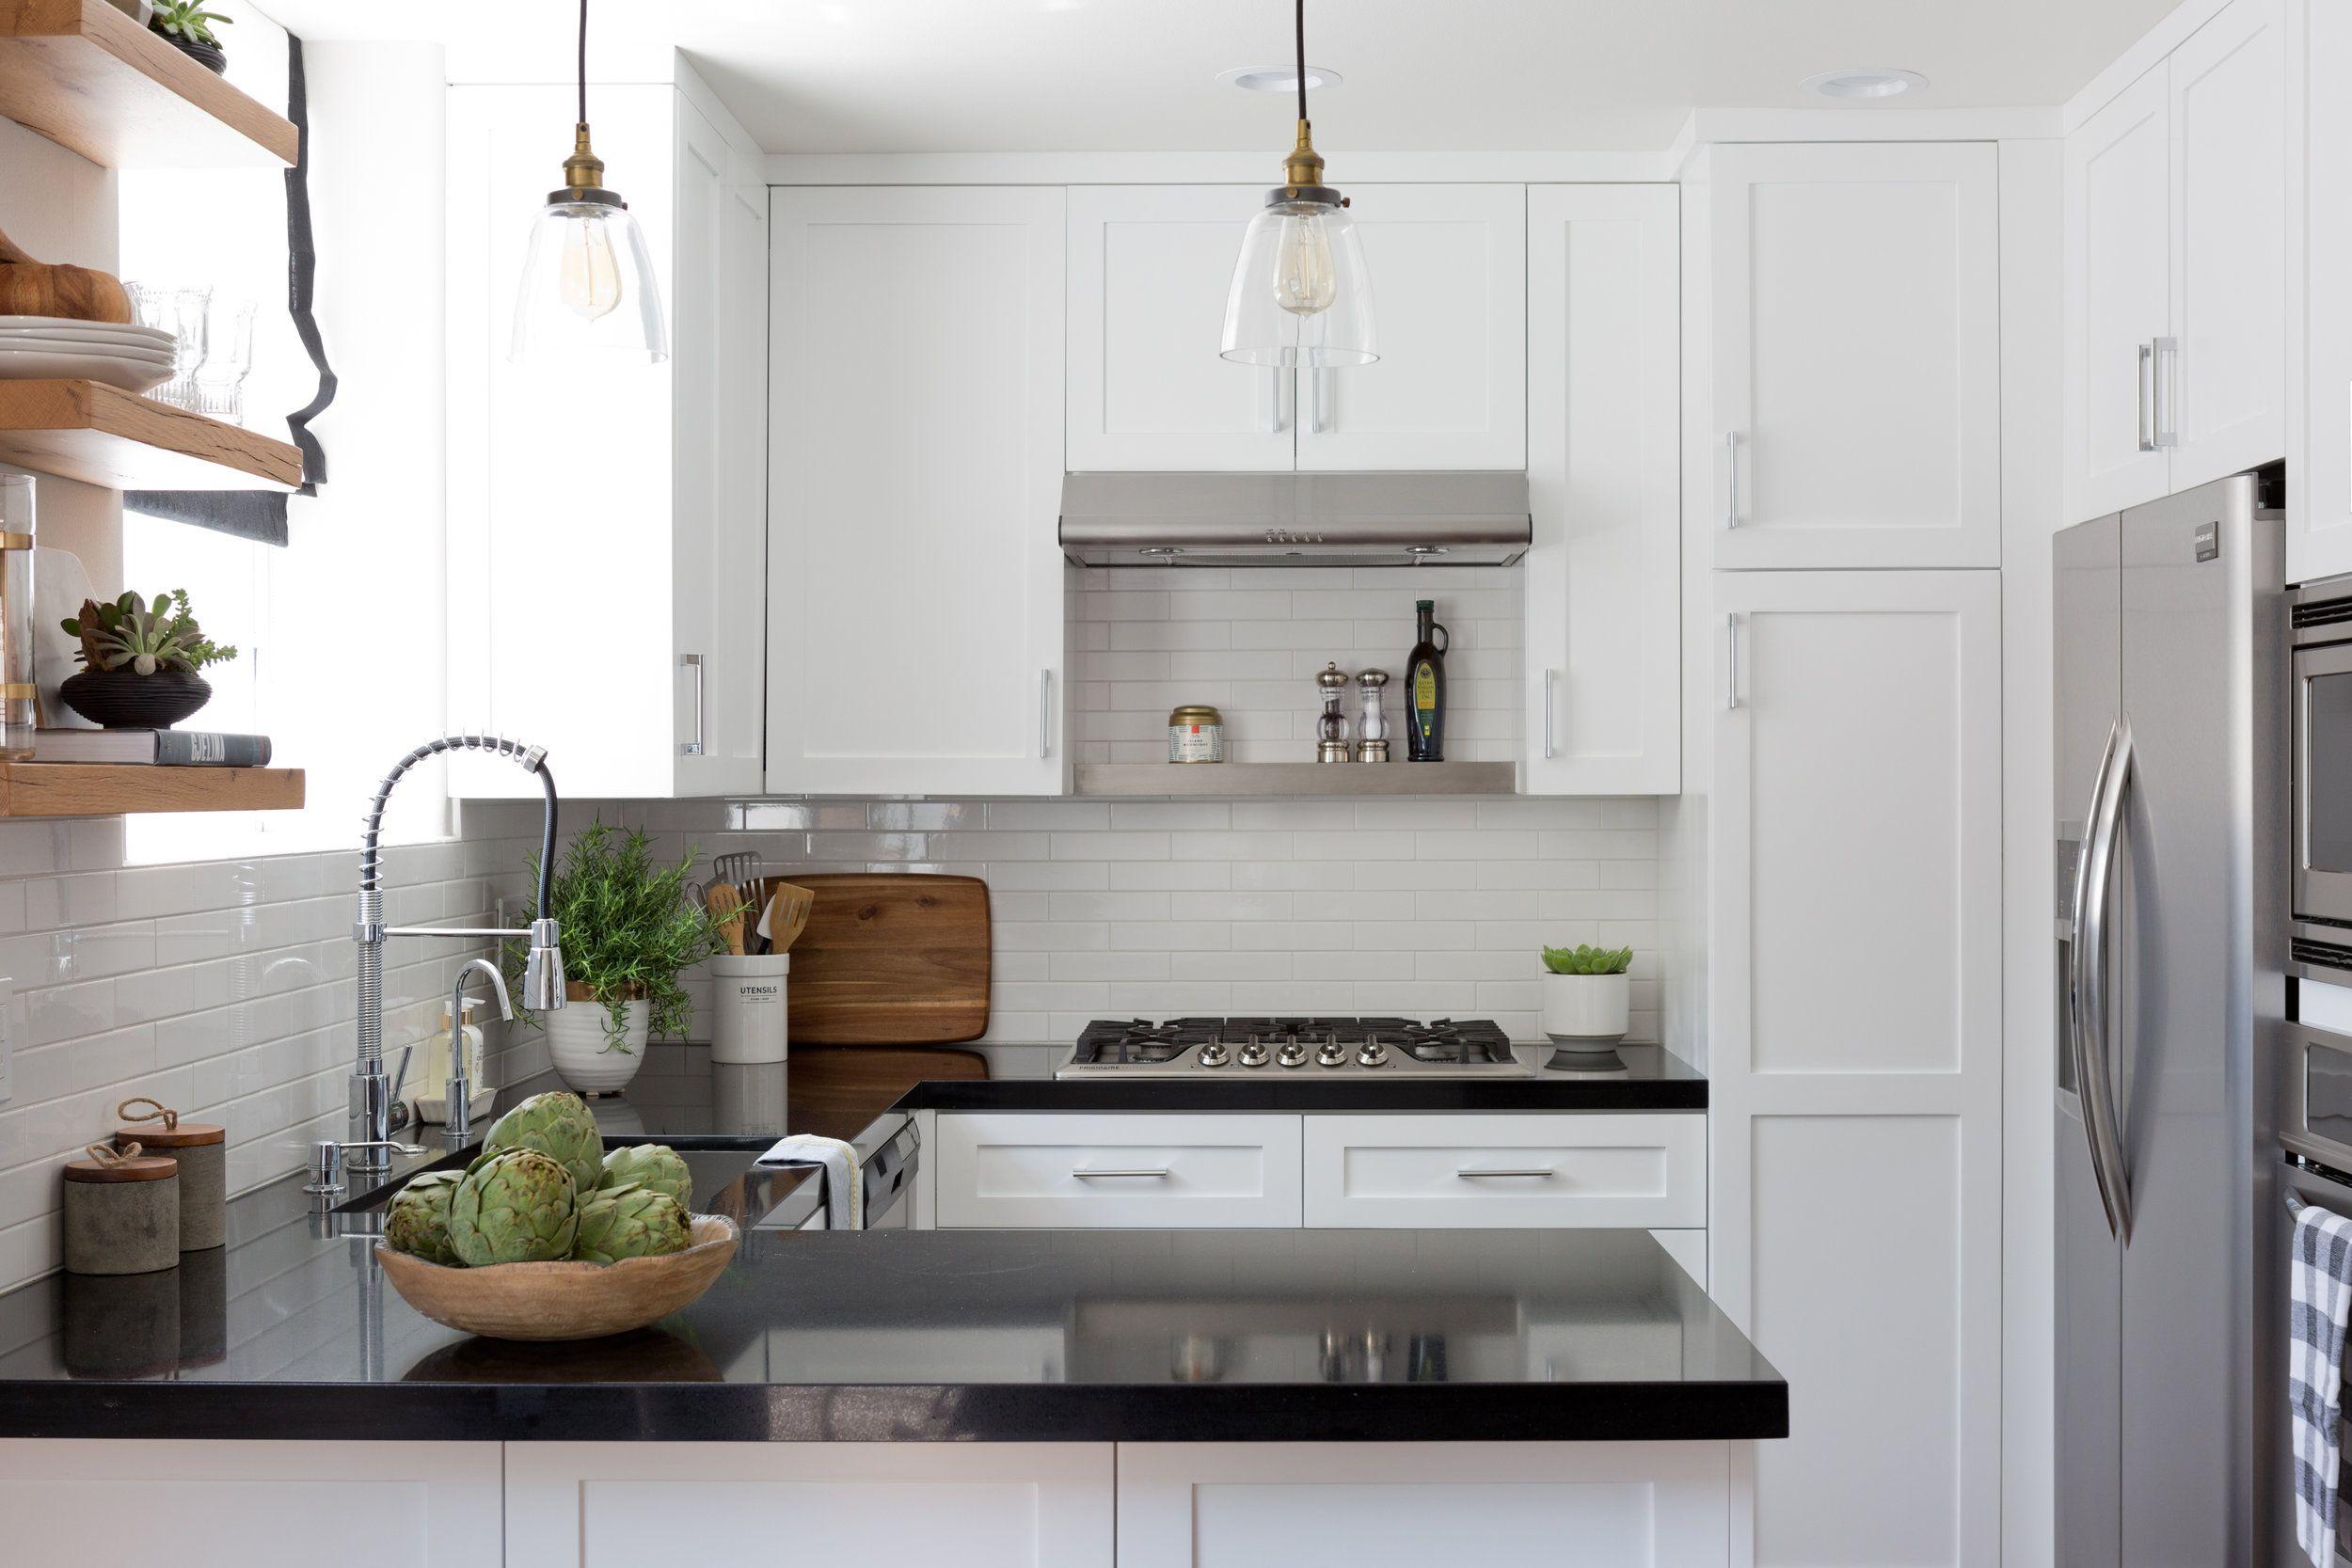 Black & white kitchen Kitchen design open, Black